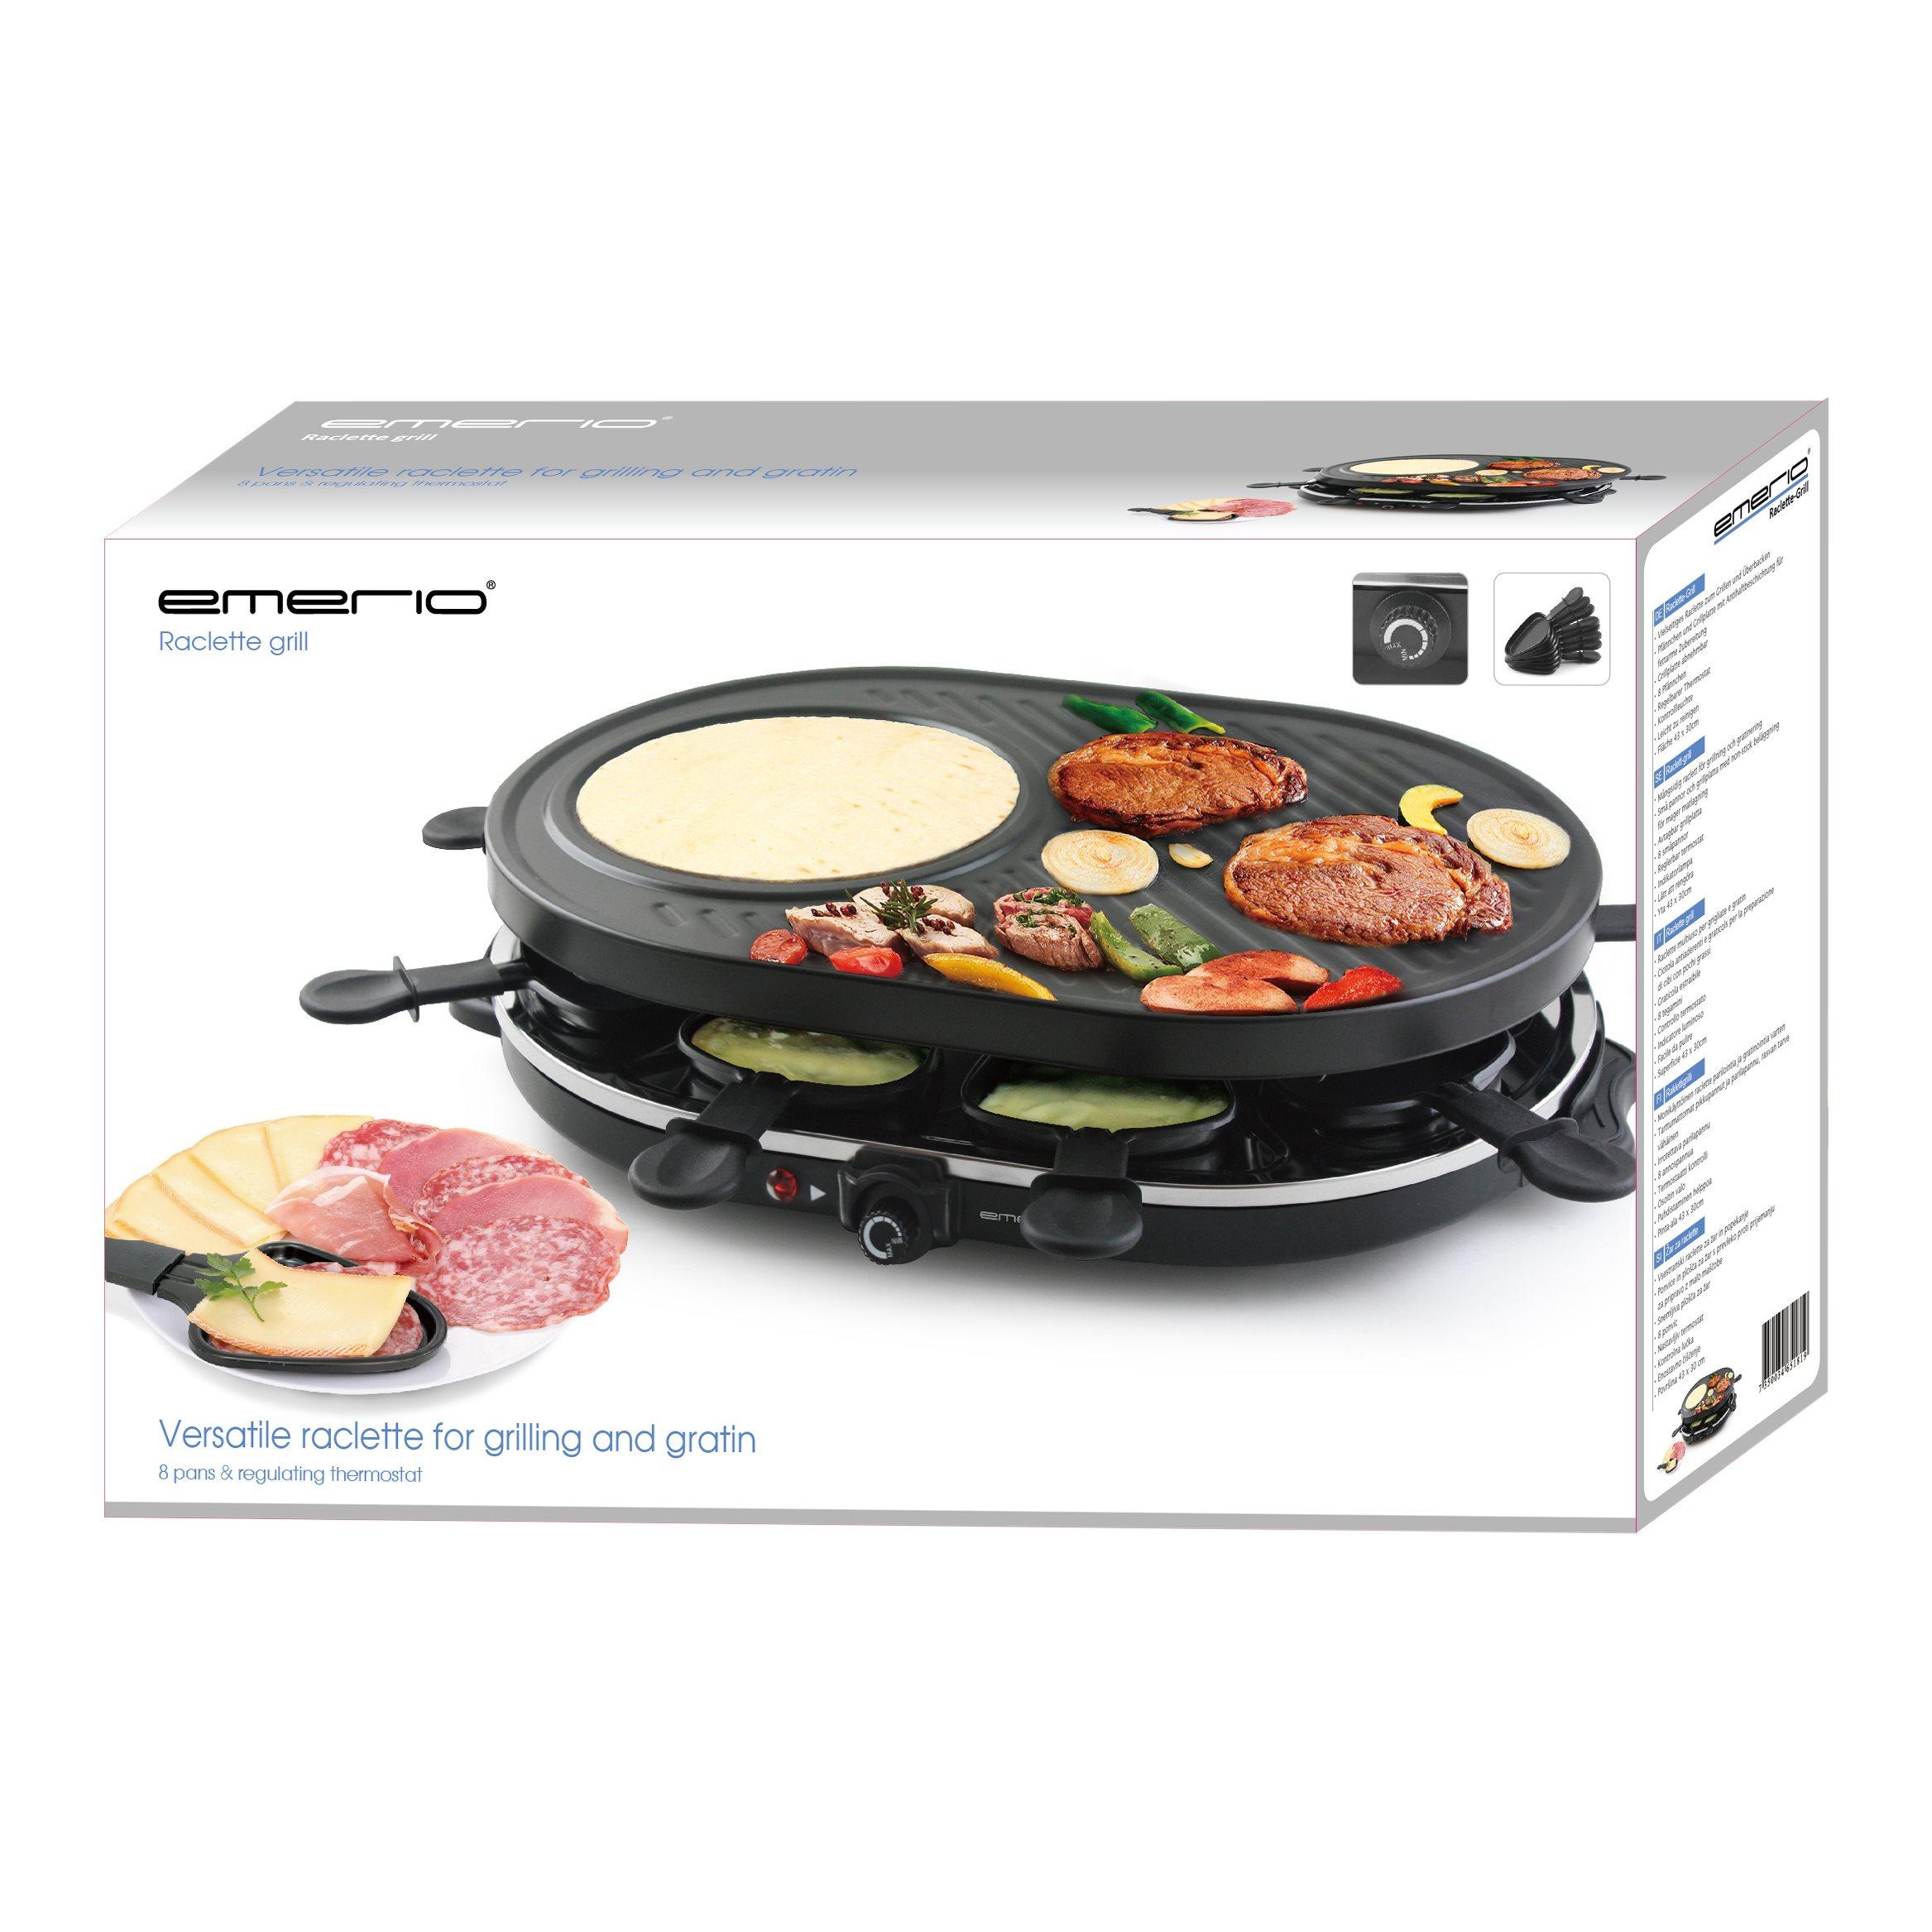 Emerio RG-105522 Gourmetstel @ fonQ